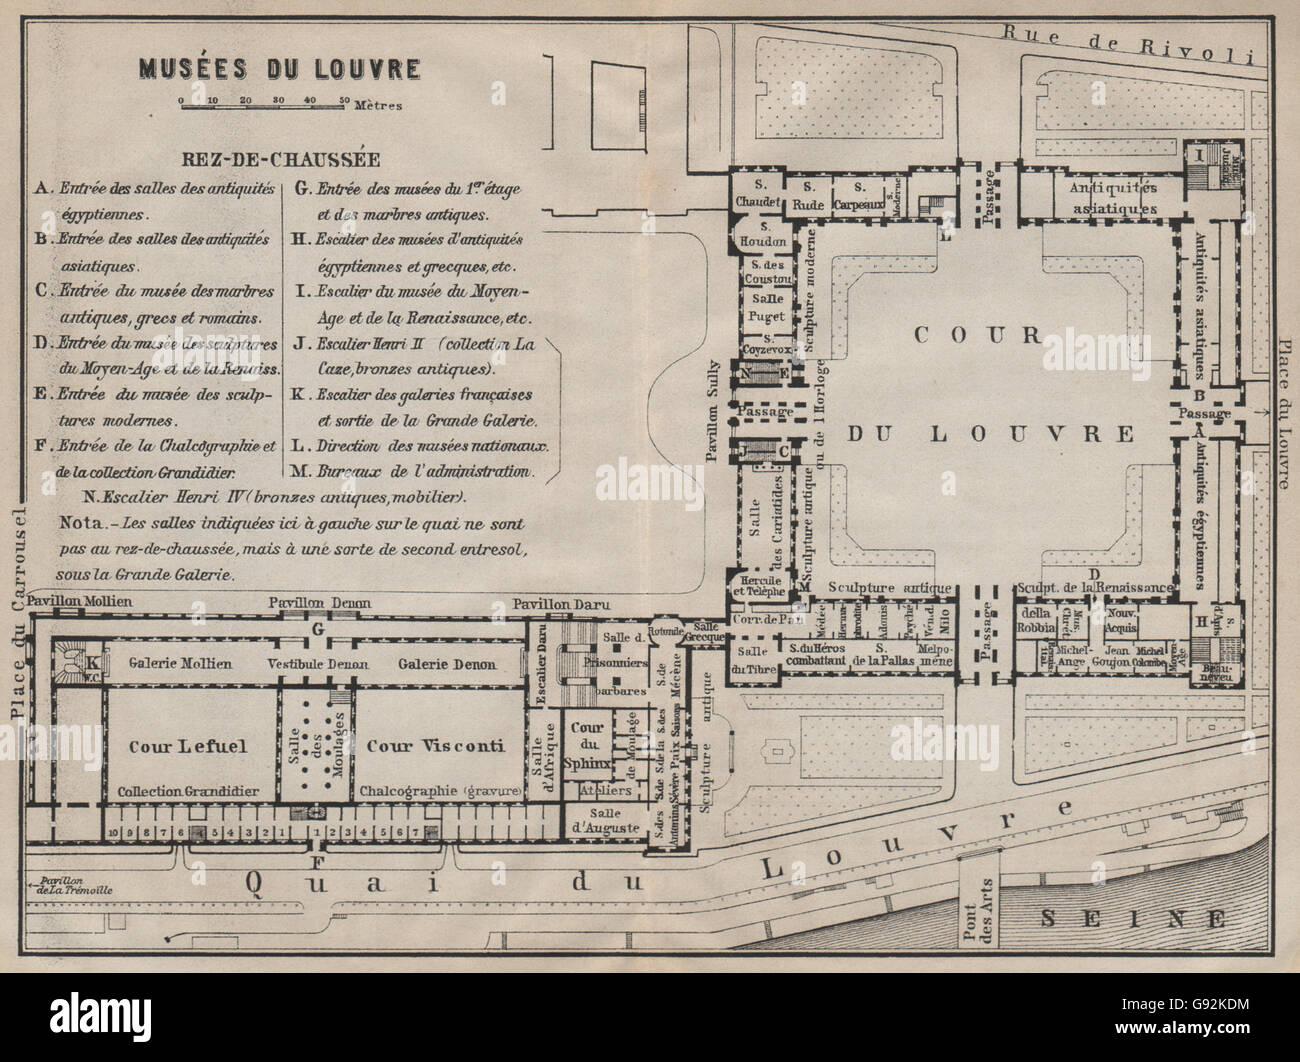 Elegant MUSÉES DU LOUVRE; REZ DE CHAUSSÉE Ground Floor Plan. Paris Carte,